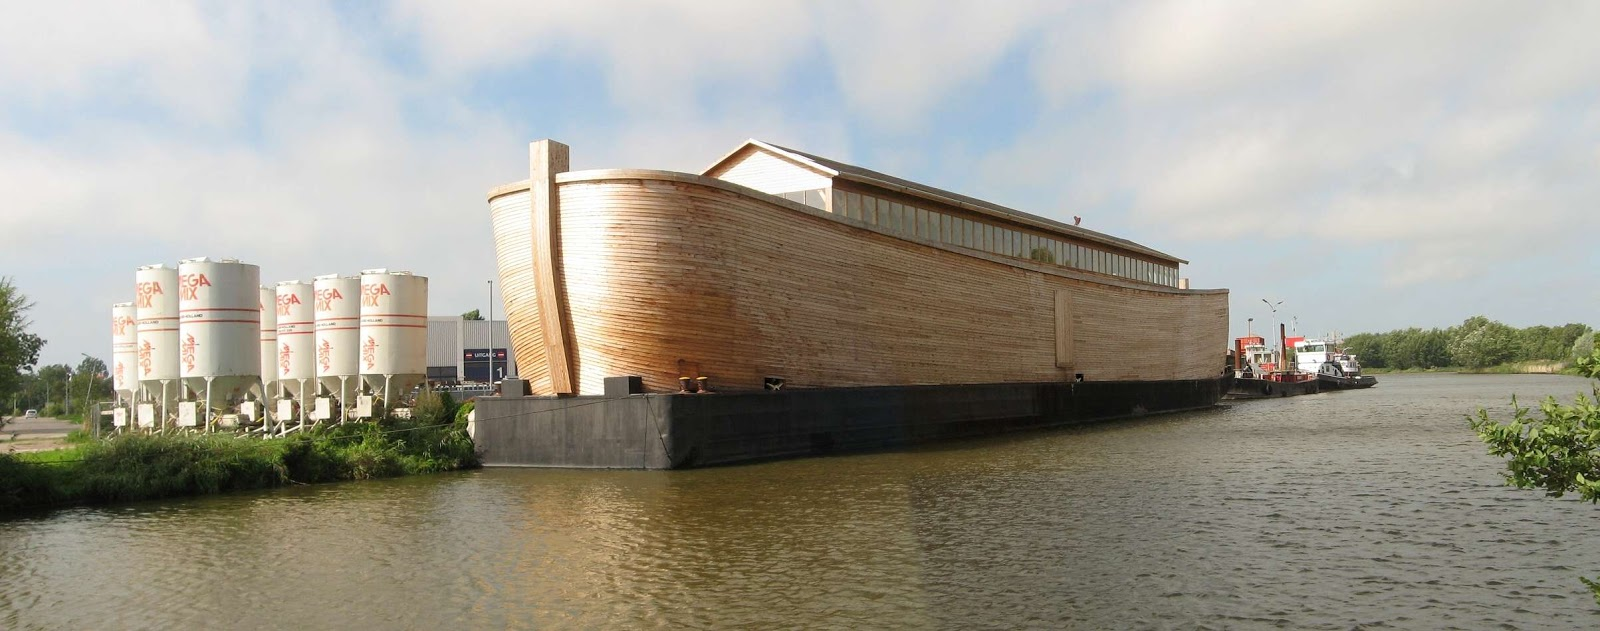 Reprodução real da Arca de Noé